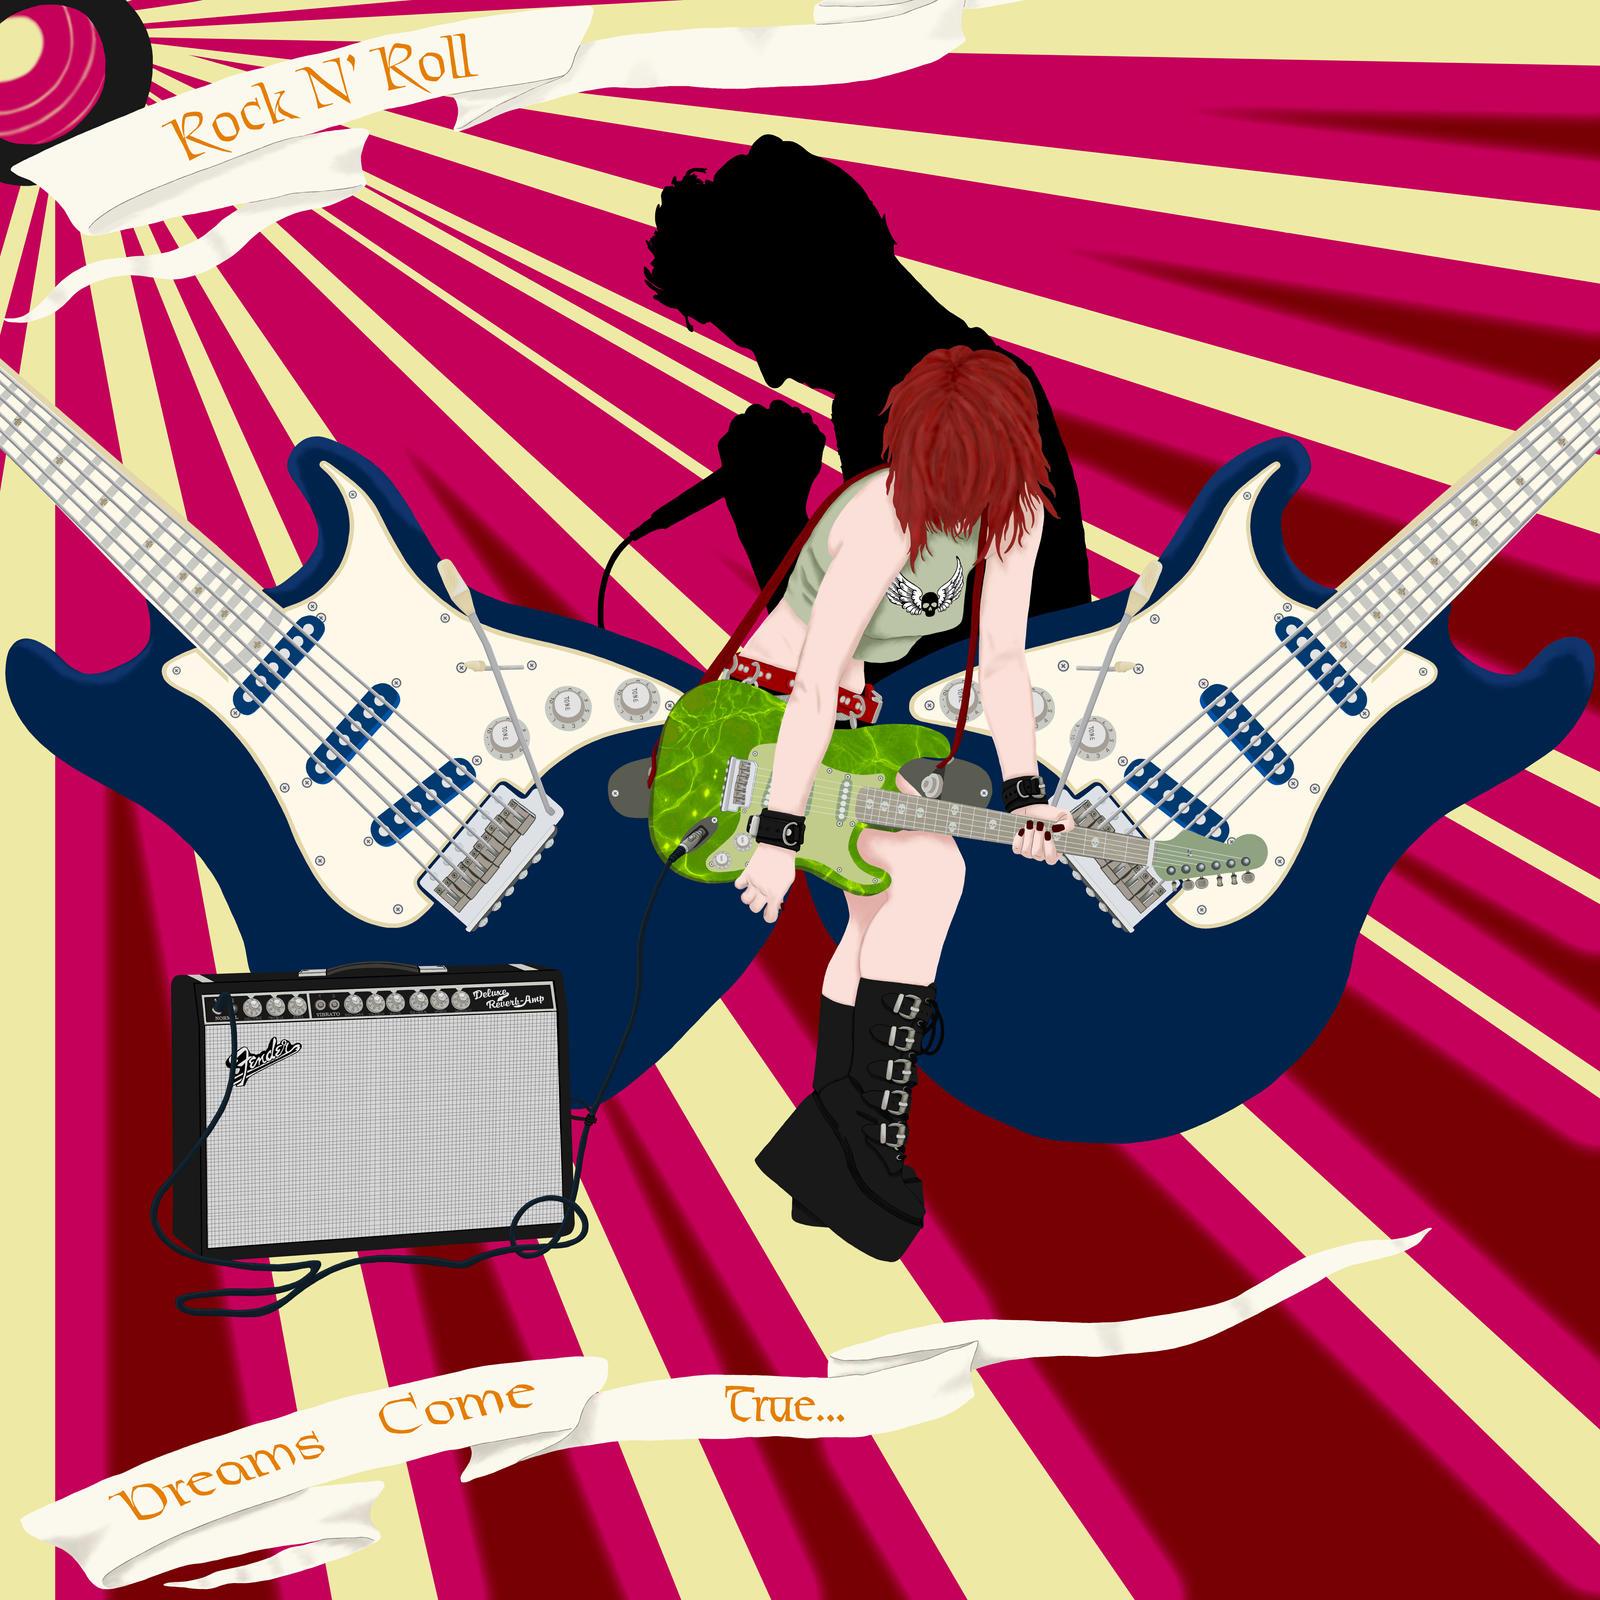 Rock N'Roll Dreams Come True by RaNuit